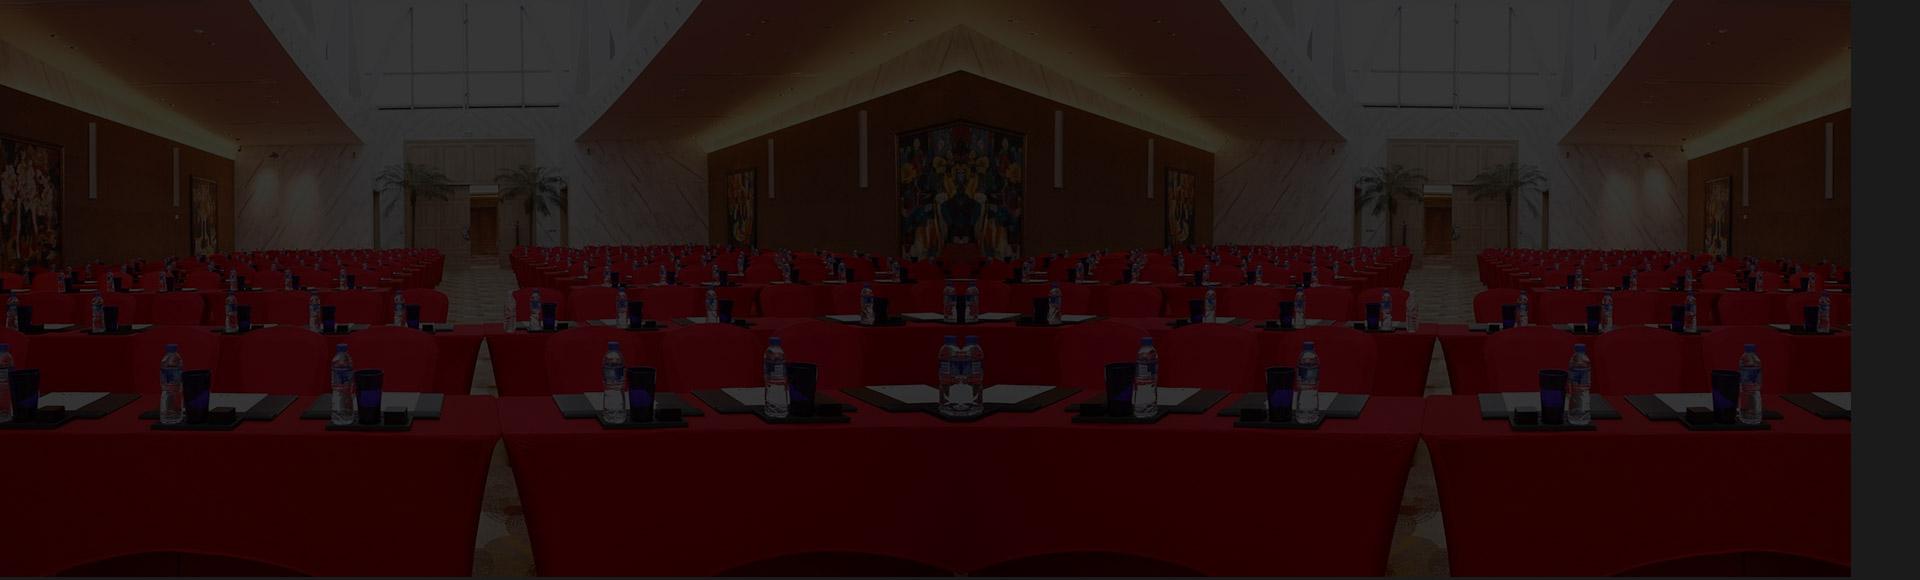 IC会议议程